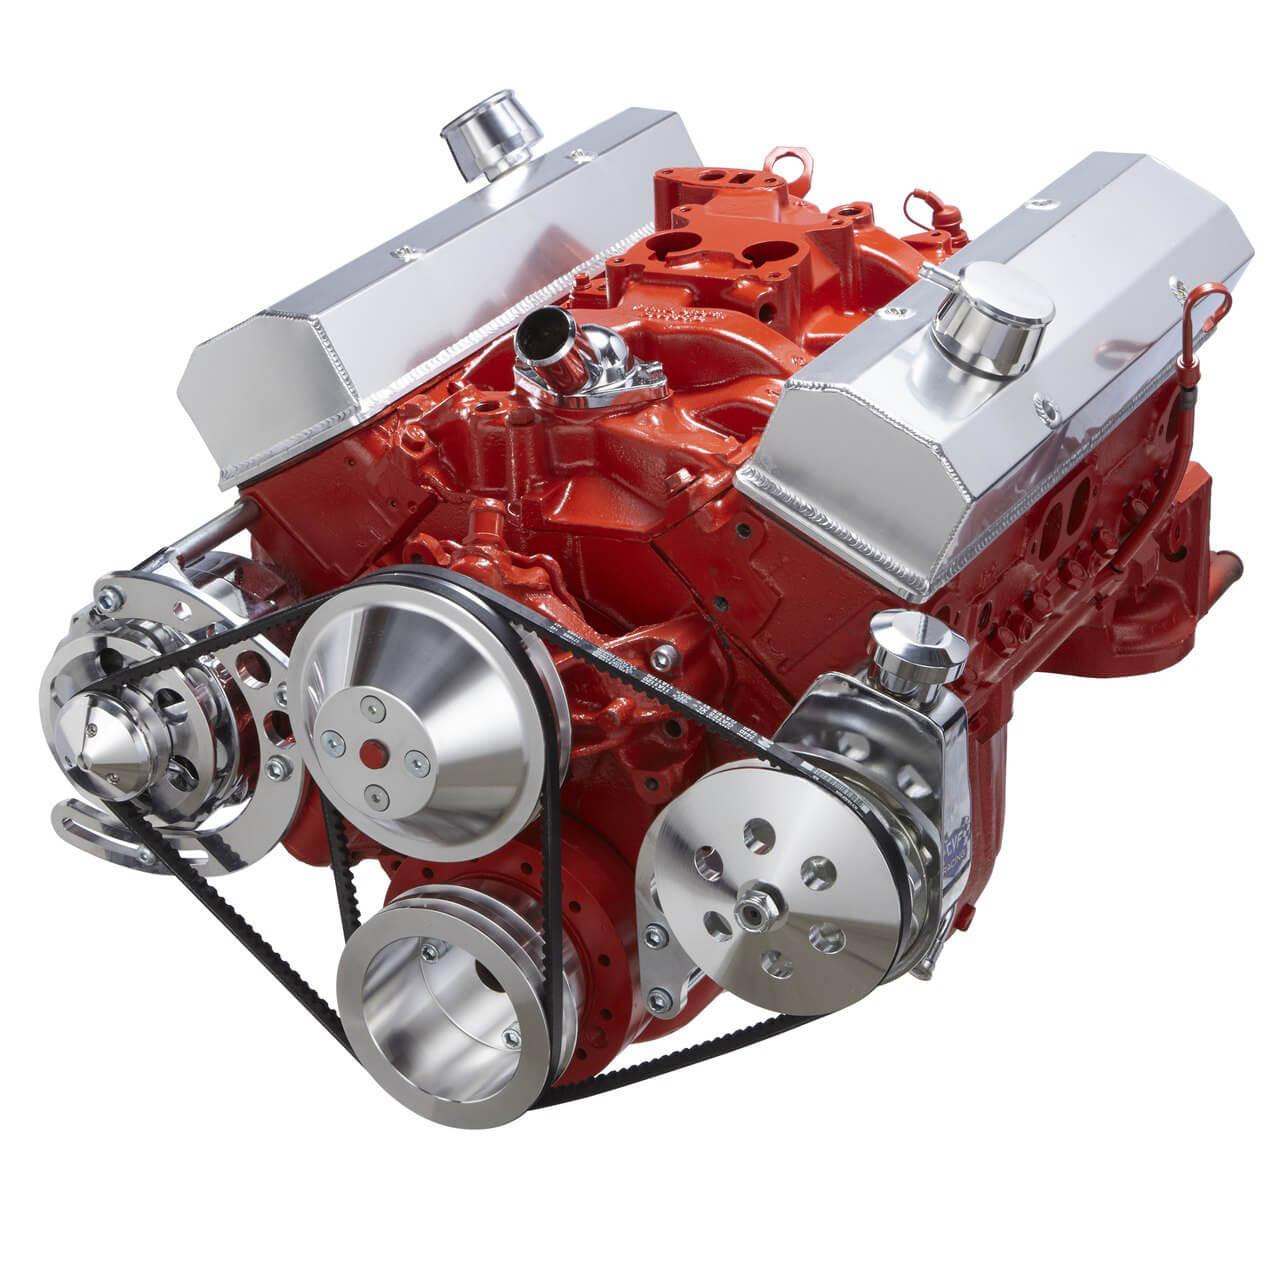 hight resolution of chevy v belt pulley bracket system 302 305 350 400 sbc 350 engine v belt diagram 350 engine v belt diagram